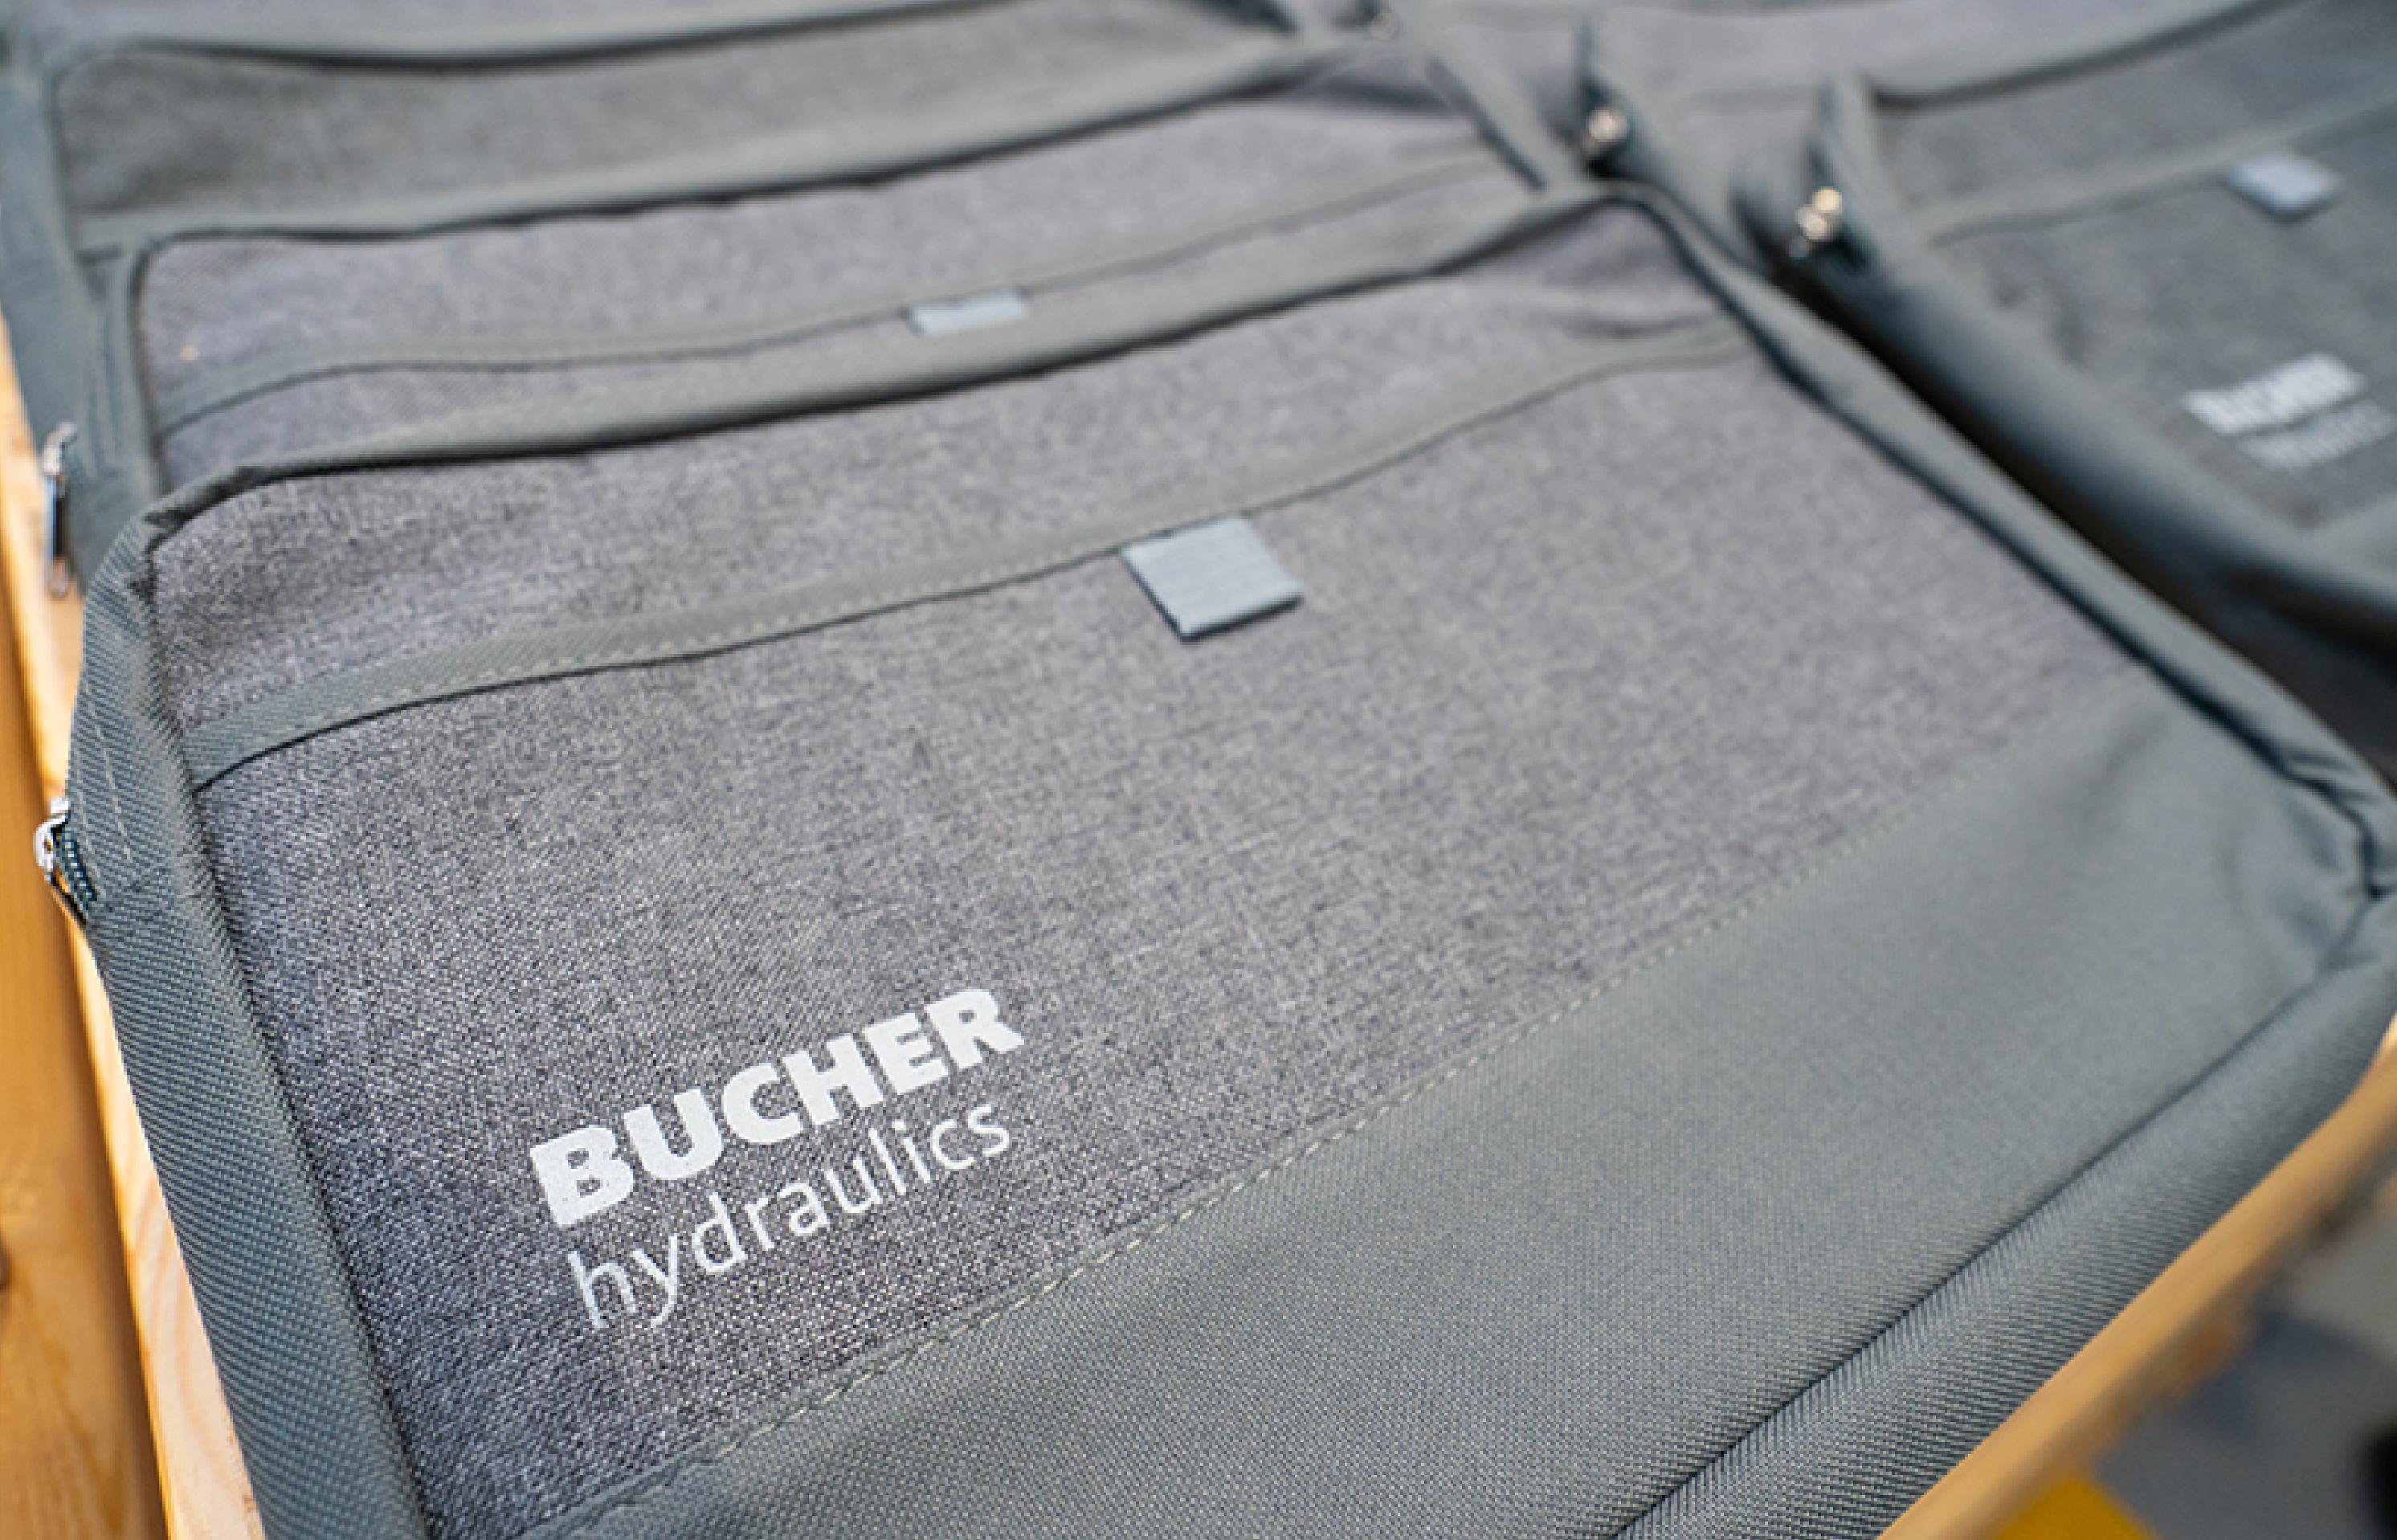 Bucher Hydraulics inaugurazione